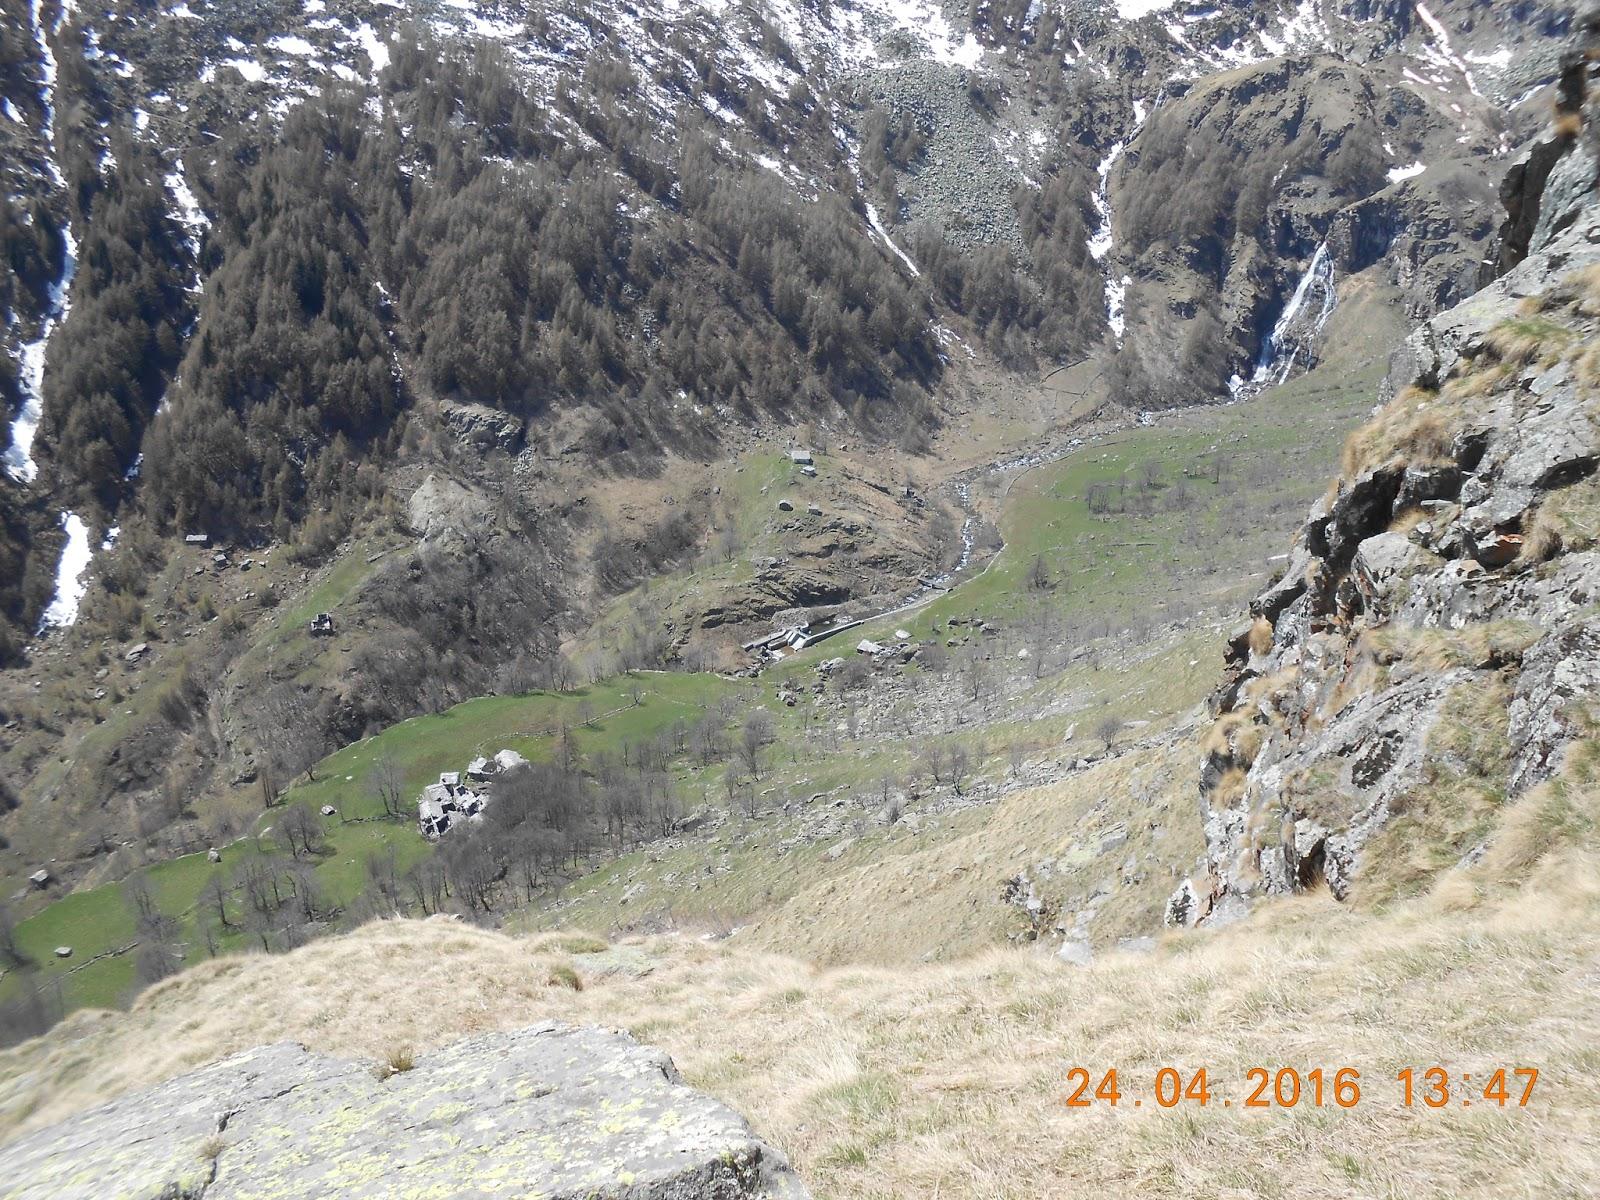 Orco trekking storie di montagna anello dei valloni 2 0 for Piani casa montagna colorado